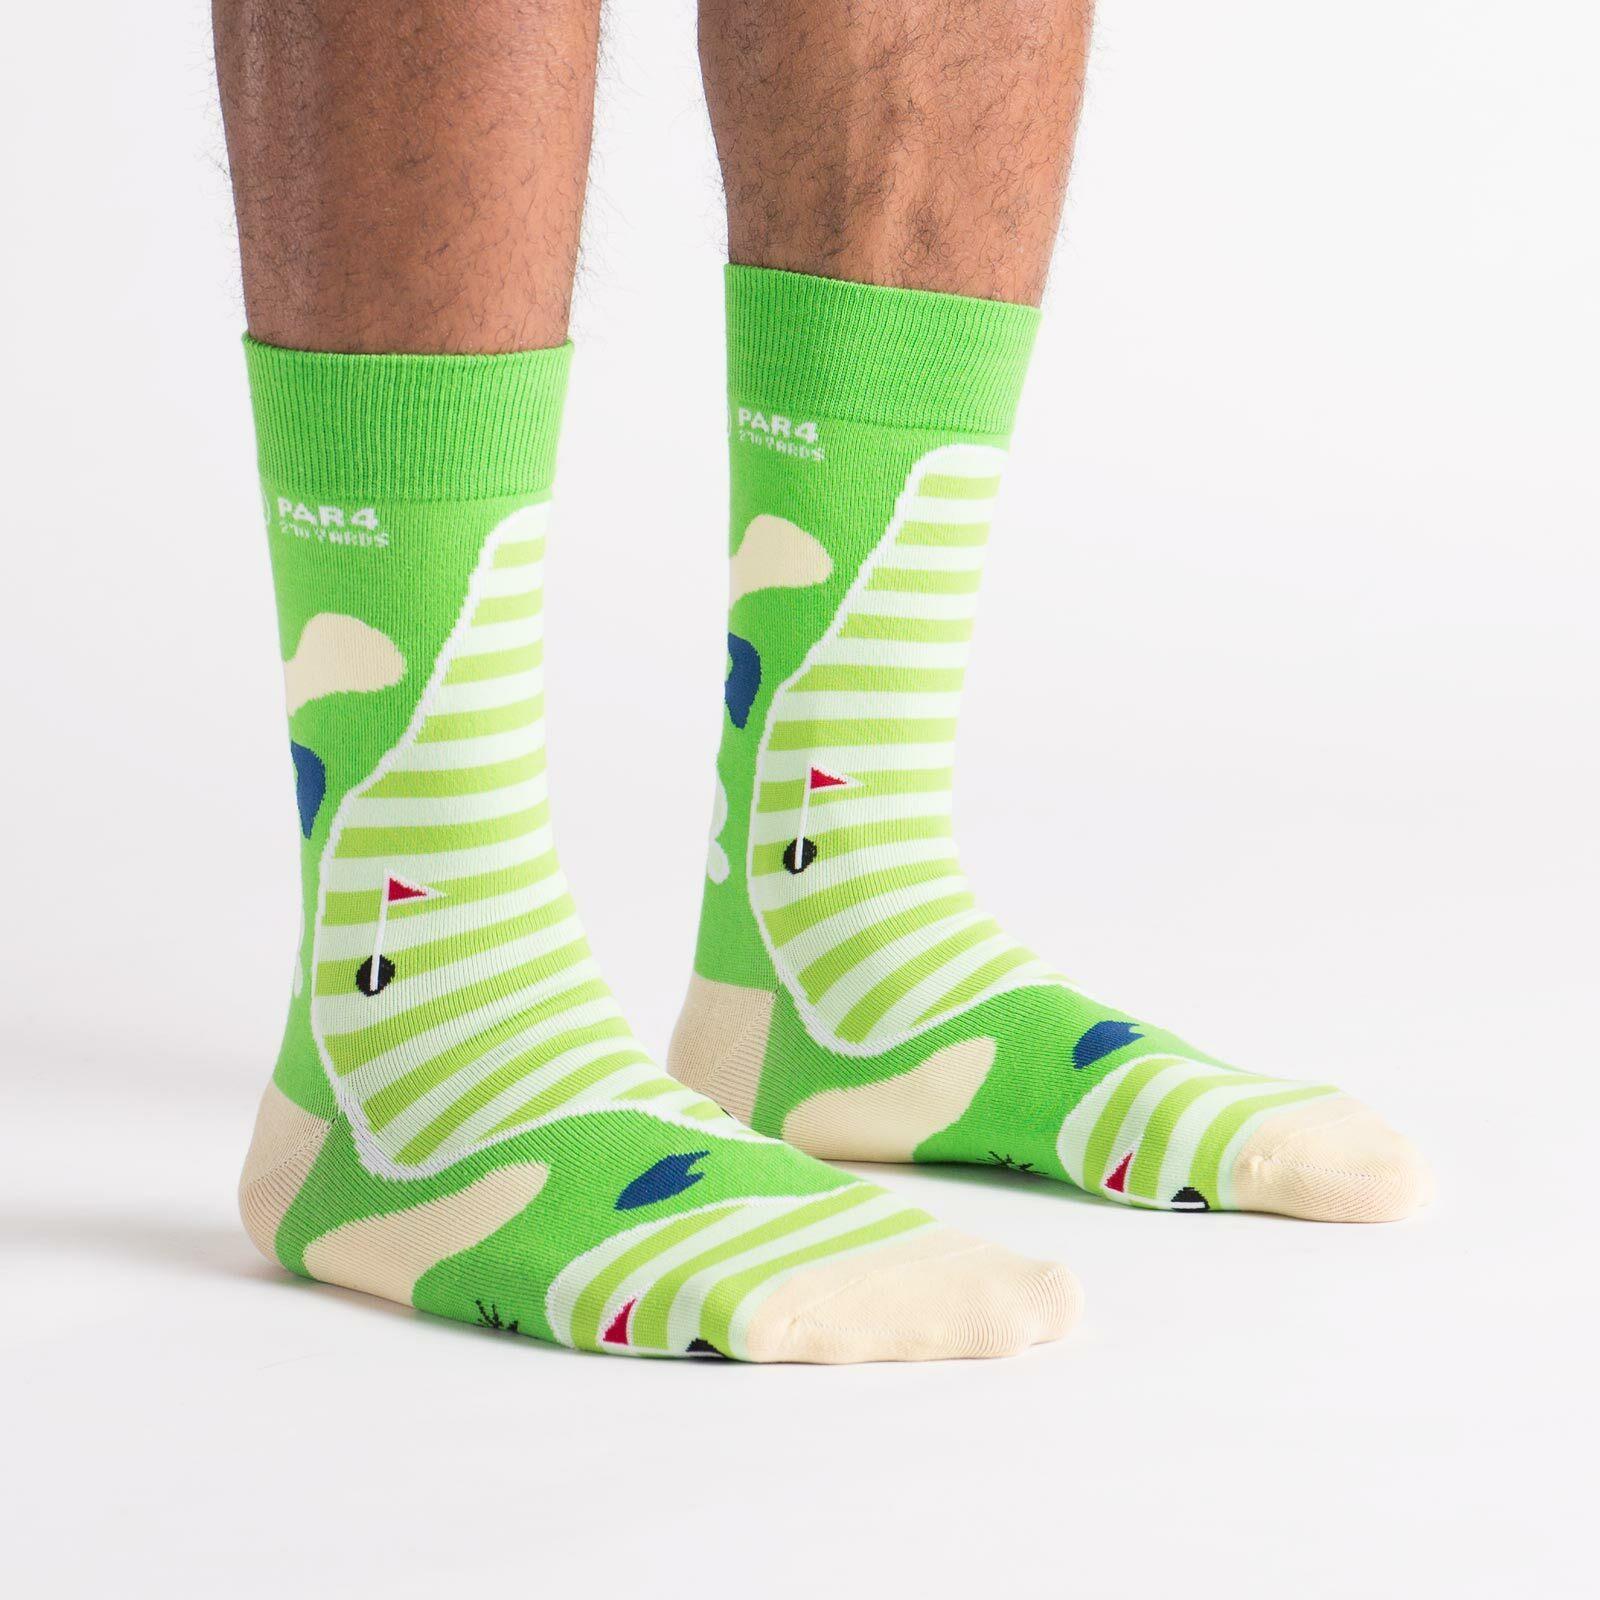 model side view of Par-4 - Golf Crew Socks Green - Men's